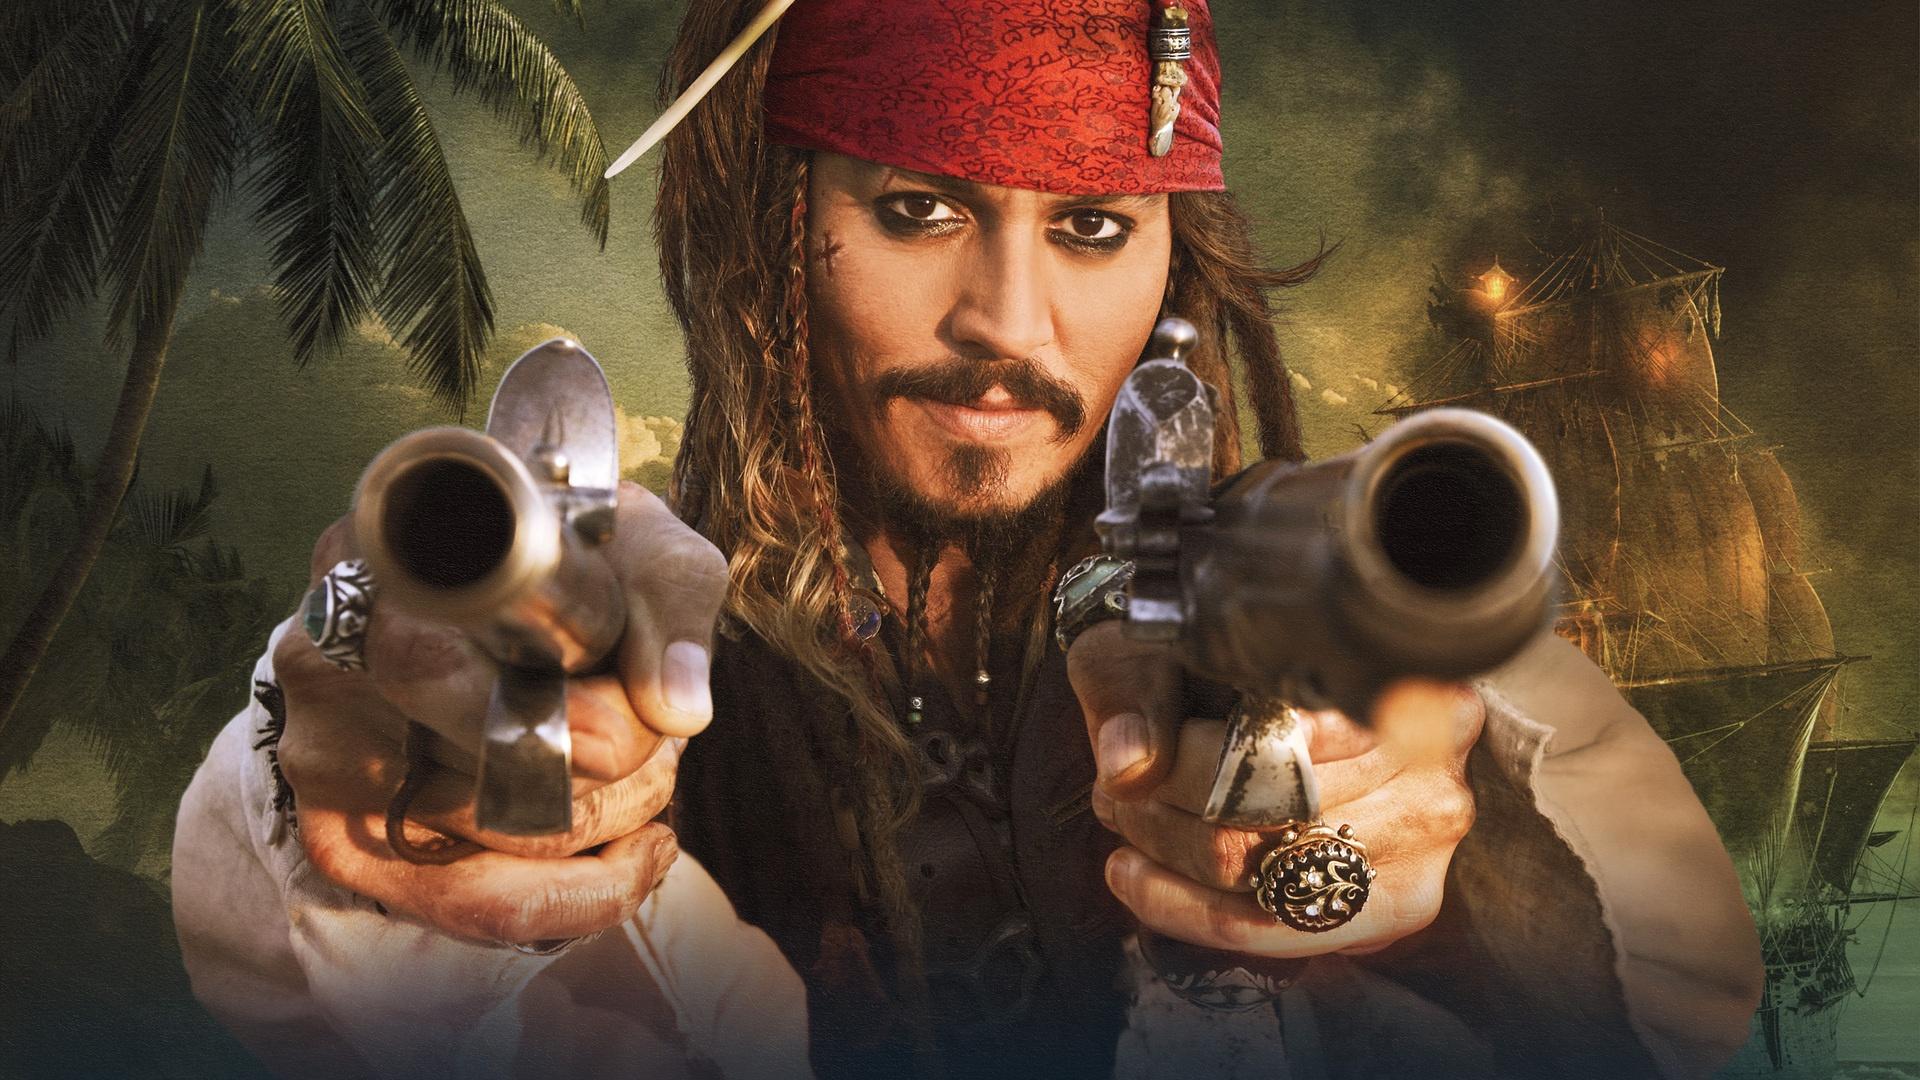 伟大的杰克船长送给我们一个海盗梦 全球魔幻电影TOP3:加勒比海盗系列